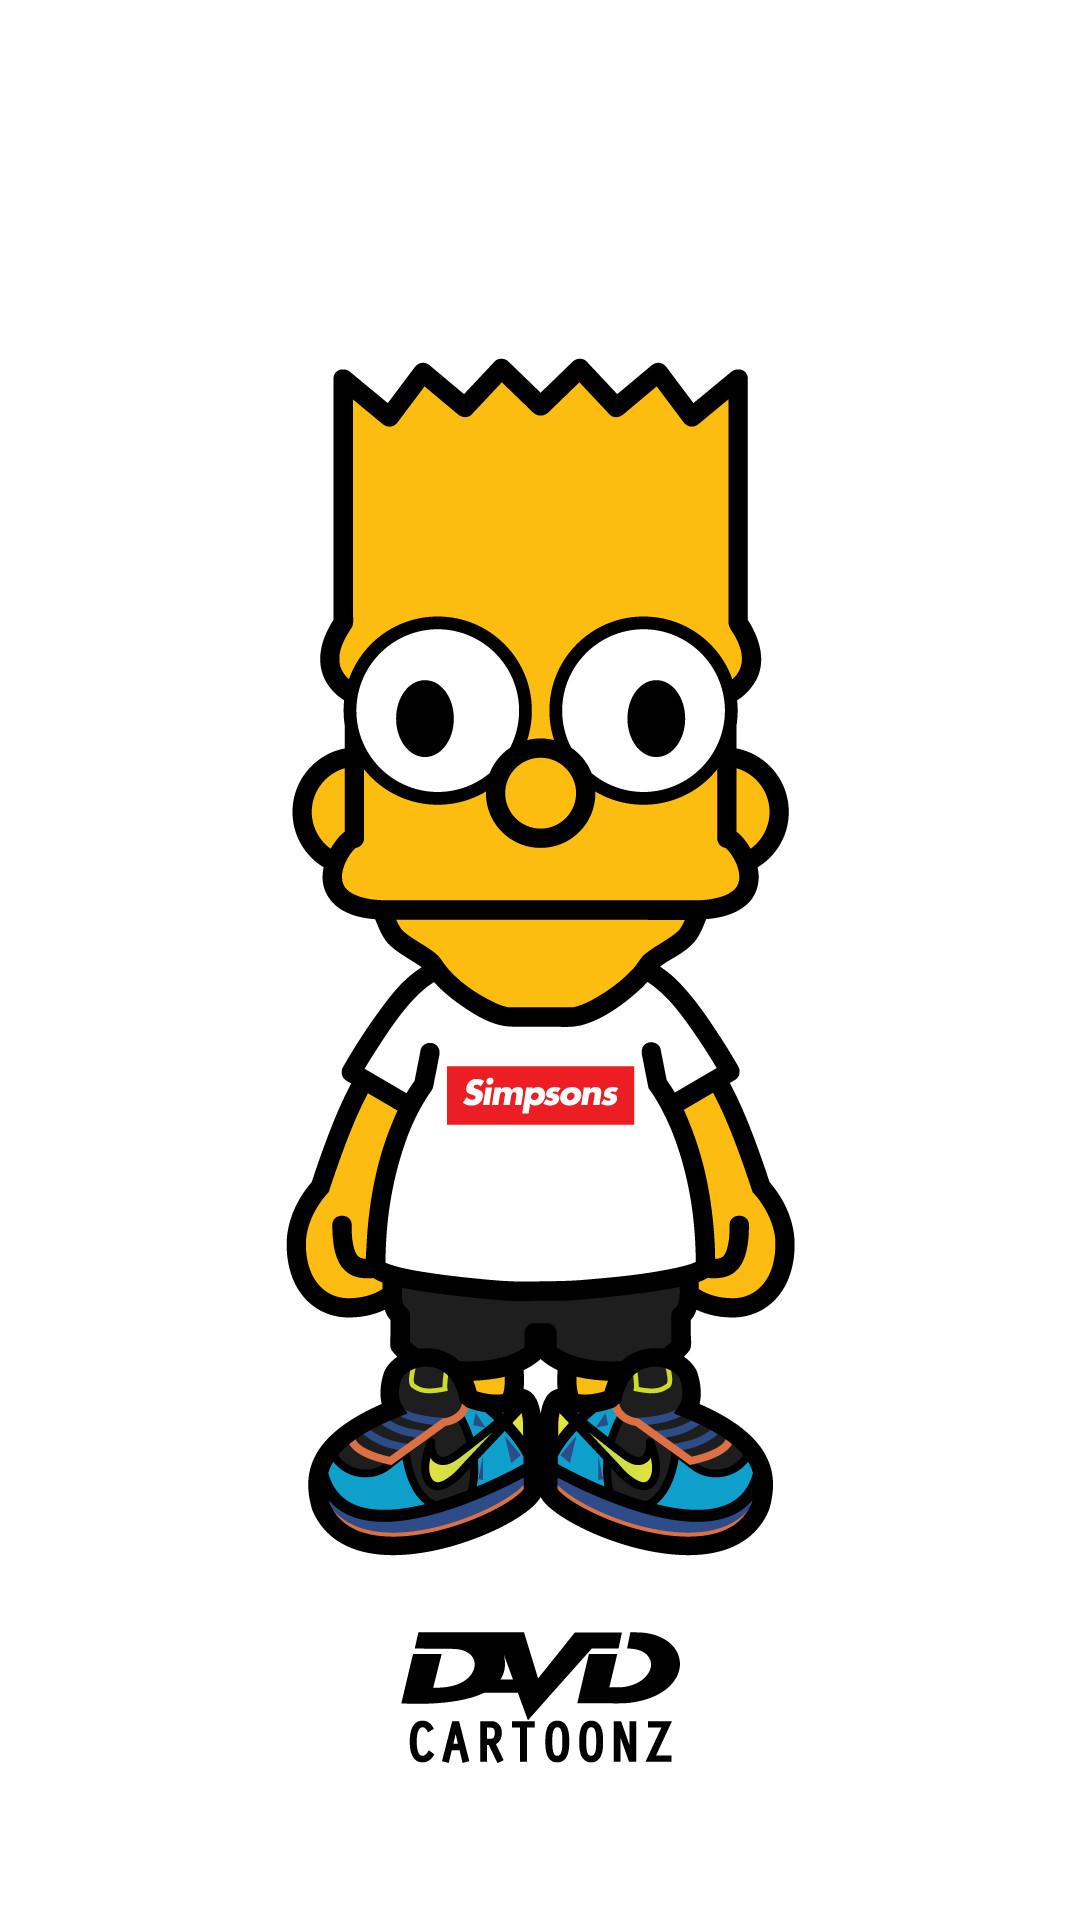 Supreme Spongebob 1080 X 1080